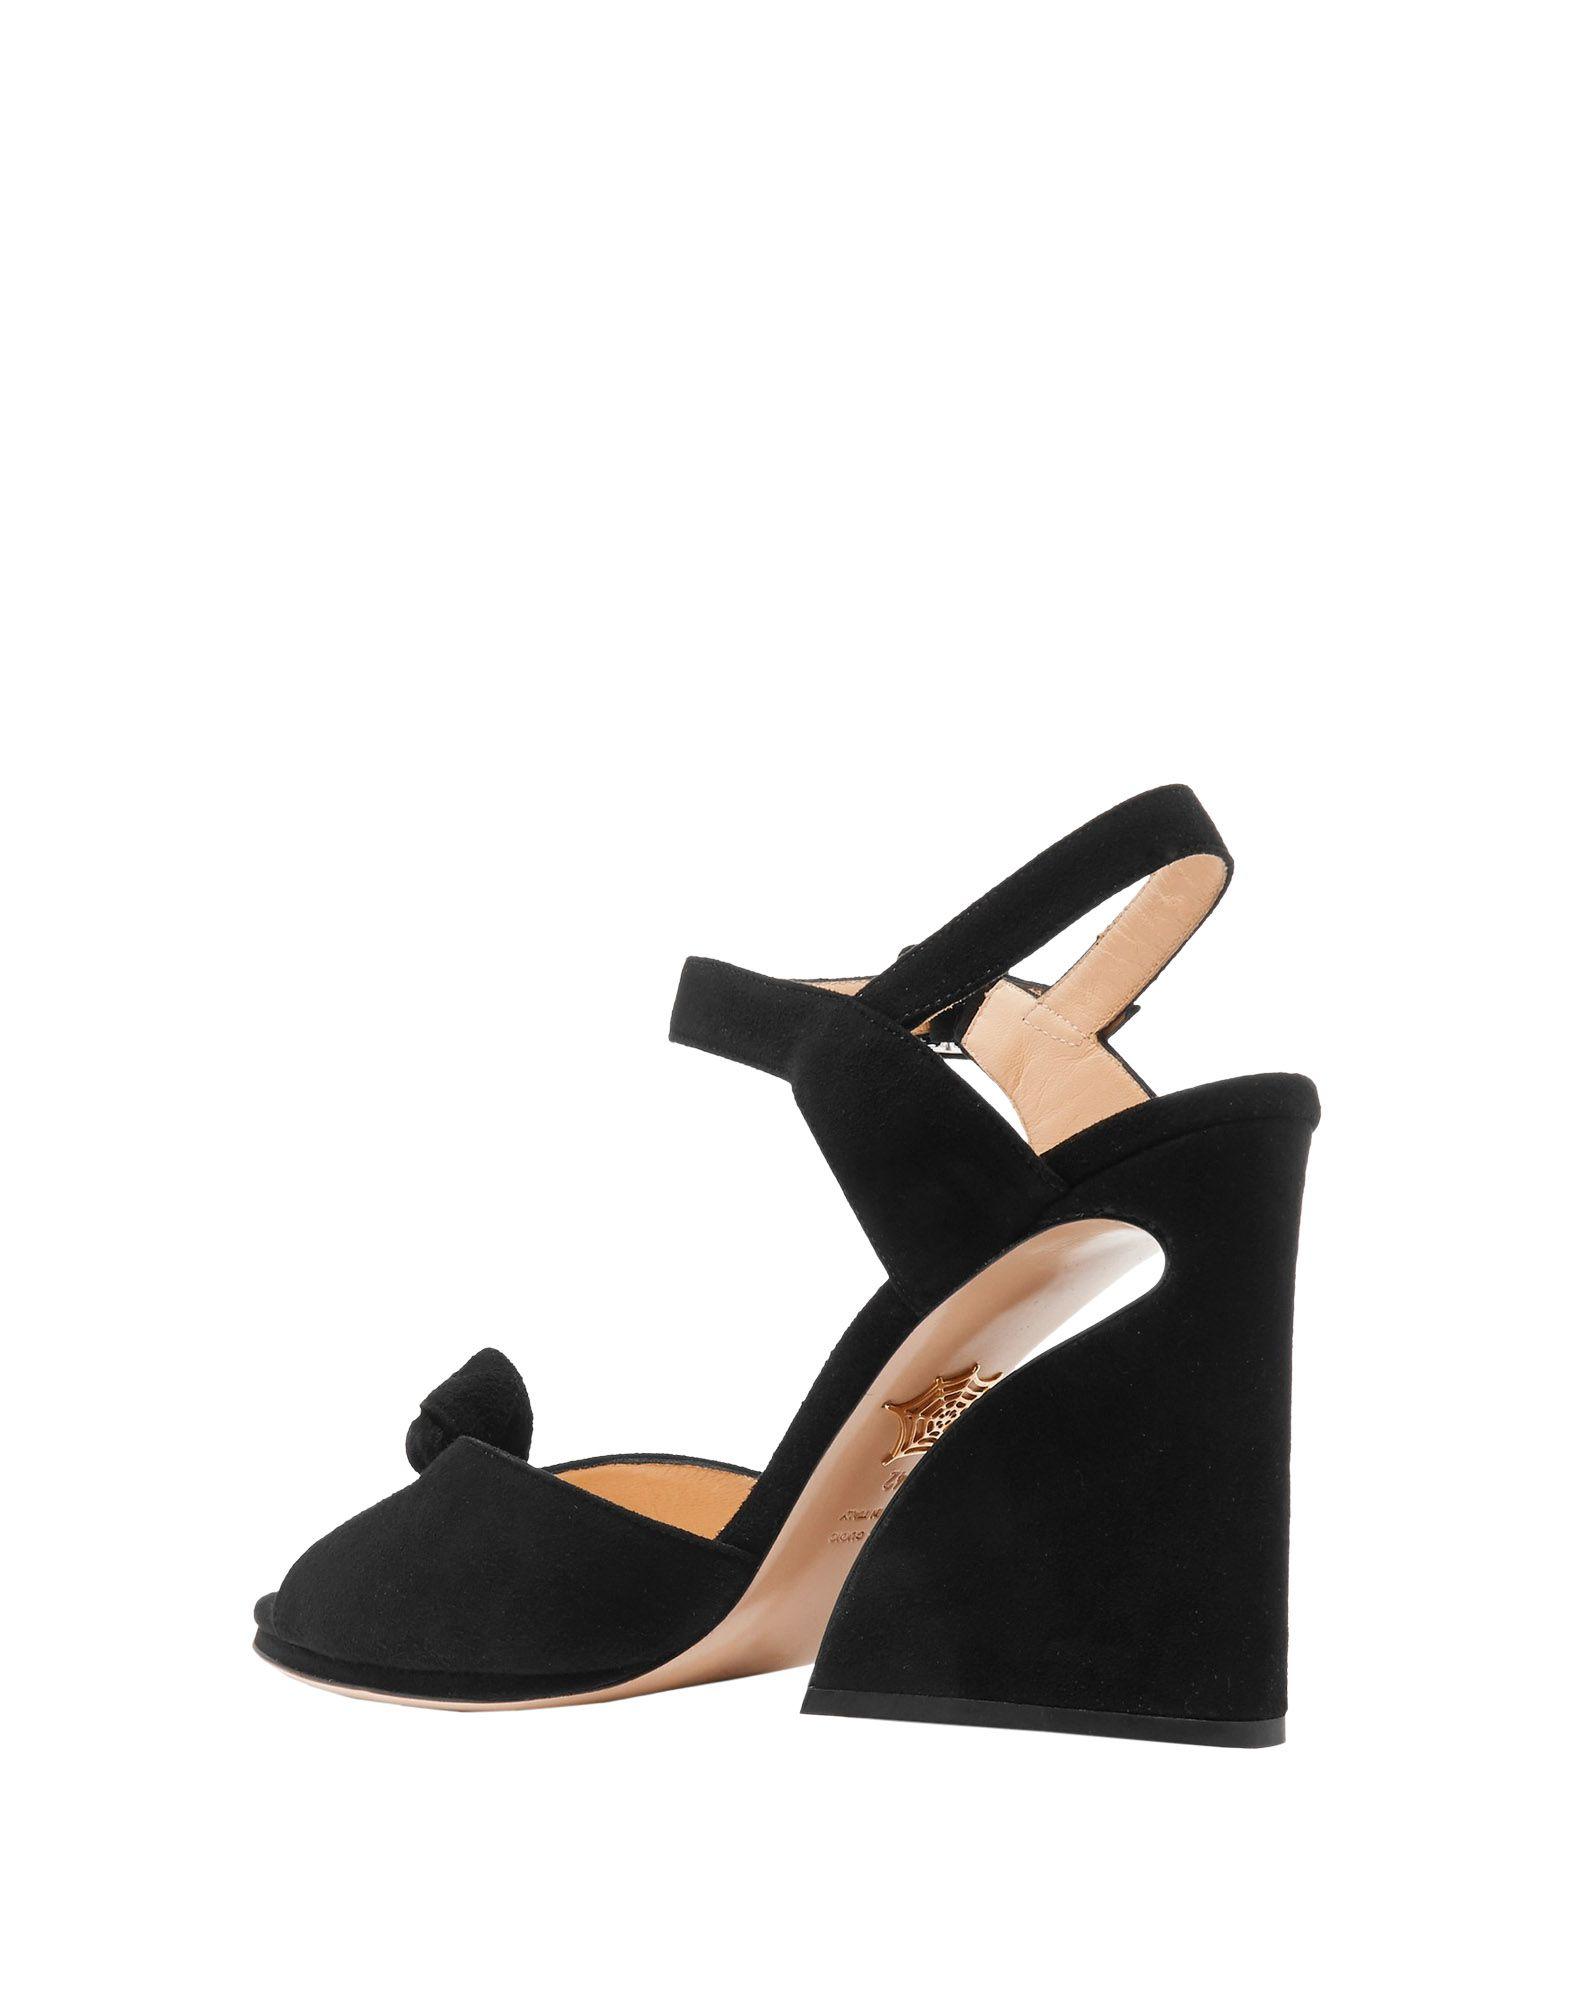 Rabatt Damen Schuhe Charlotte Olympia Sandalen Damen Rabatt 11524212DA 97a4c4